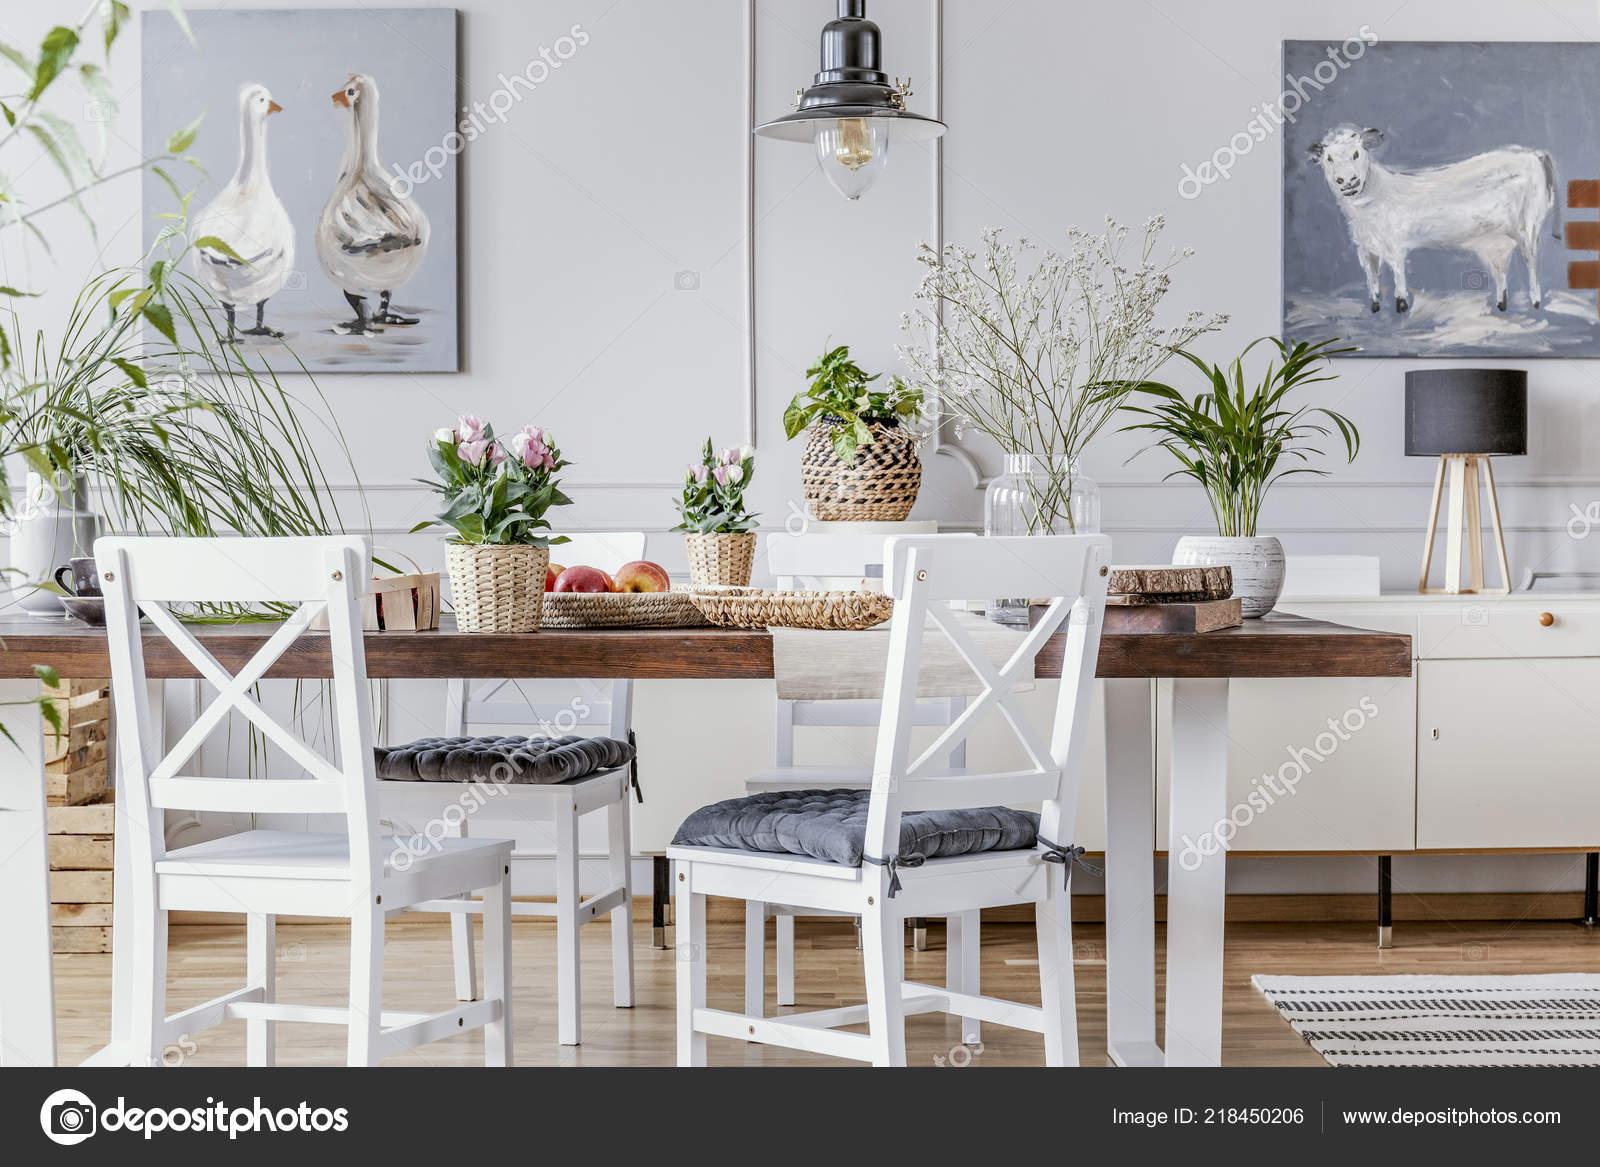 Sillas Blancas Mesa Madera Con Flores Comedor Interior Con Carteles ...